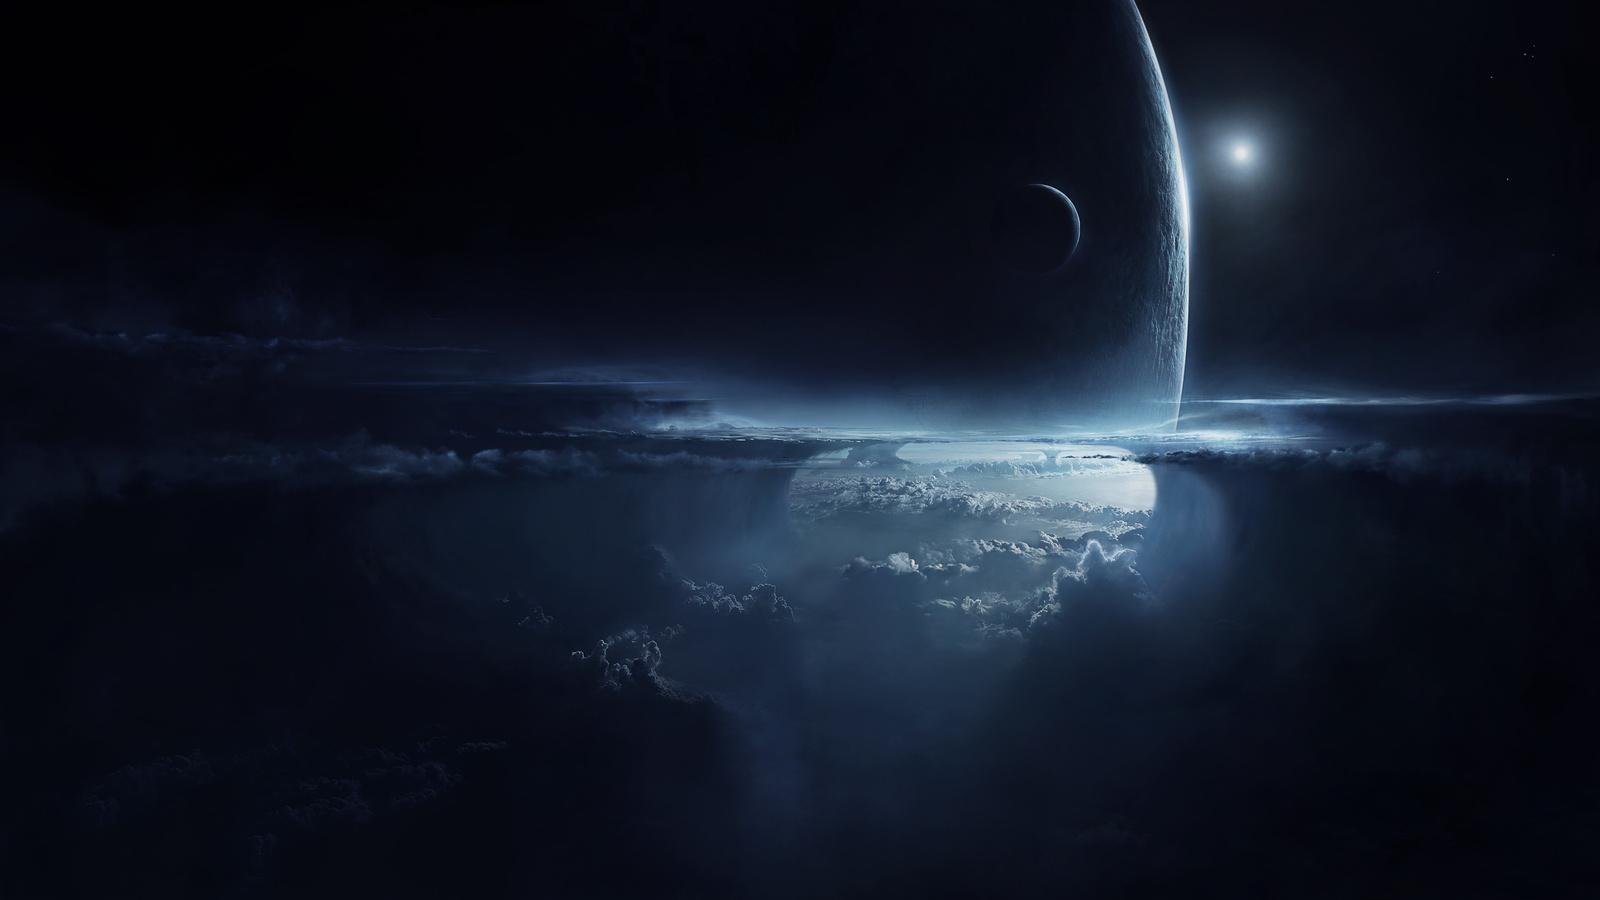 небо, планета, облака, спутник, Арт, ночь, атмосфера